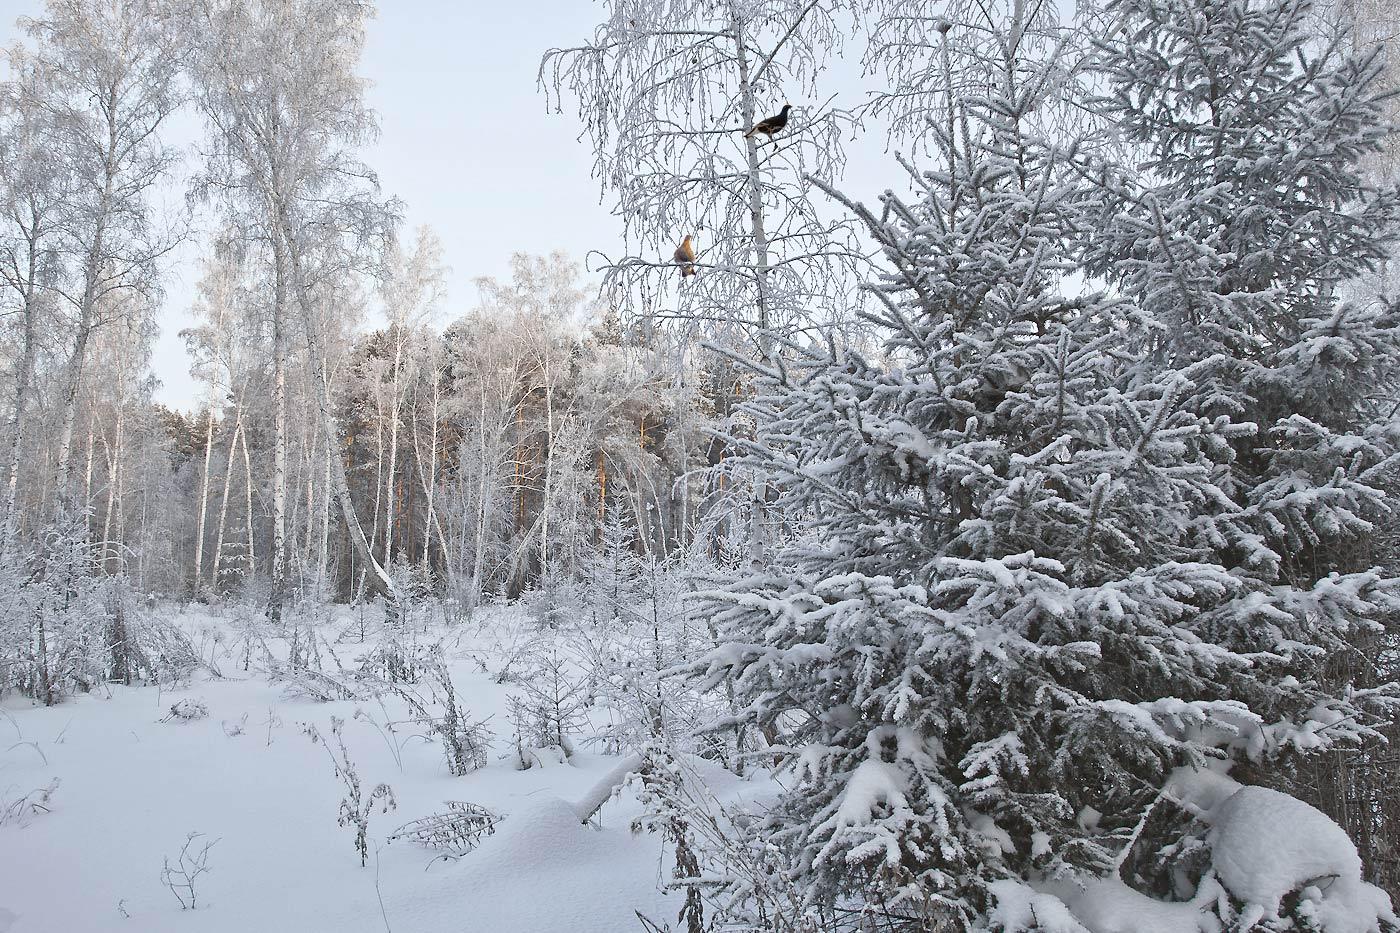 """фото """"На лесной поляне"""" метки: природа, березы, куржак, мороз, сибирь, снег"""